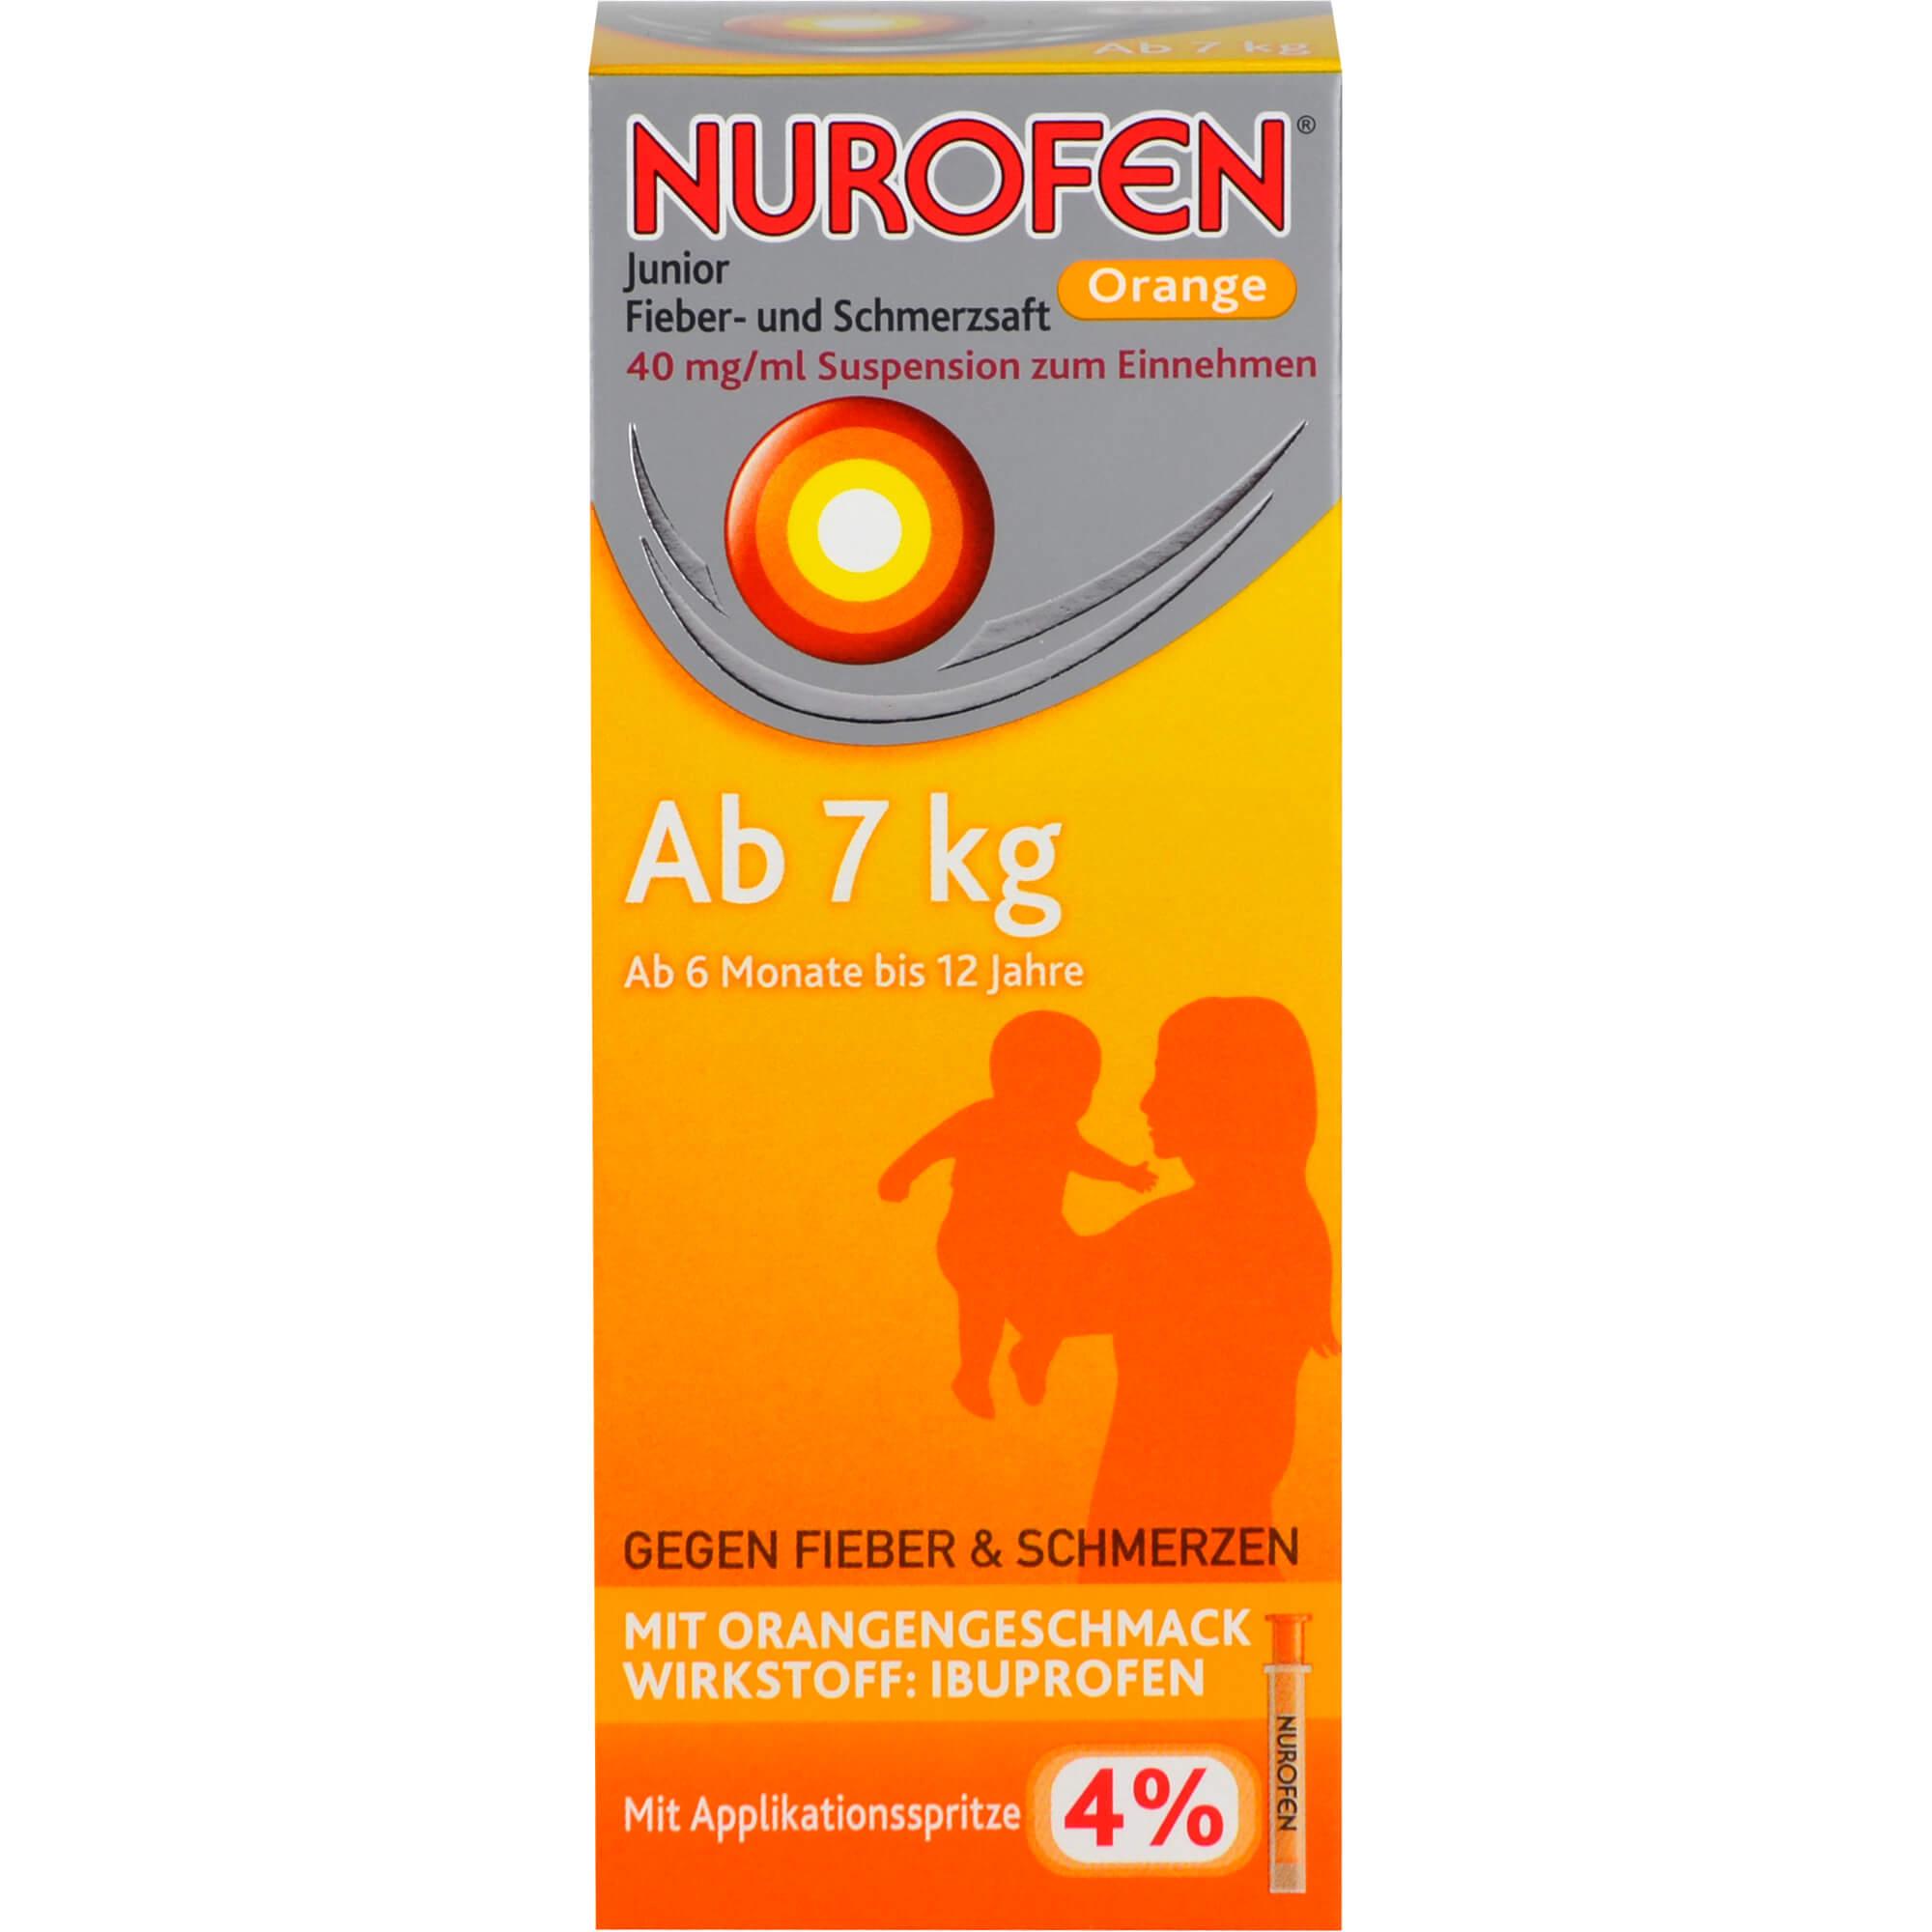 NUROFEN-Junior-Fieber-u-Schmerzsaft-Oran-40-mg-ml